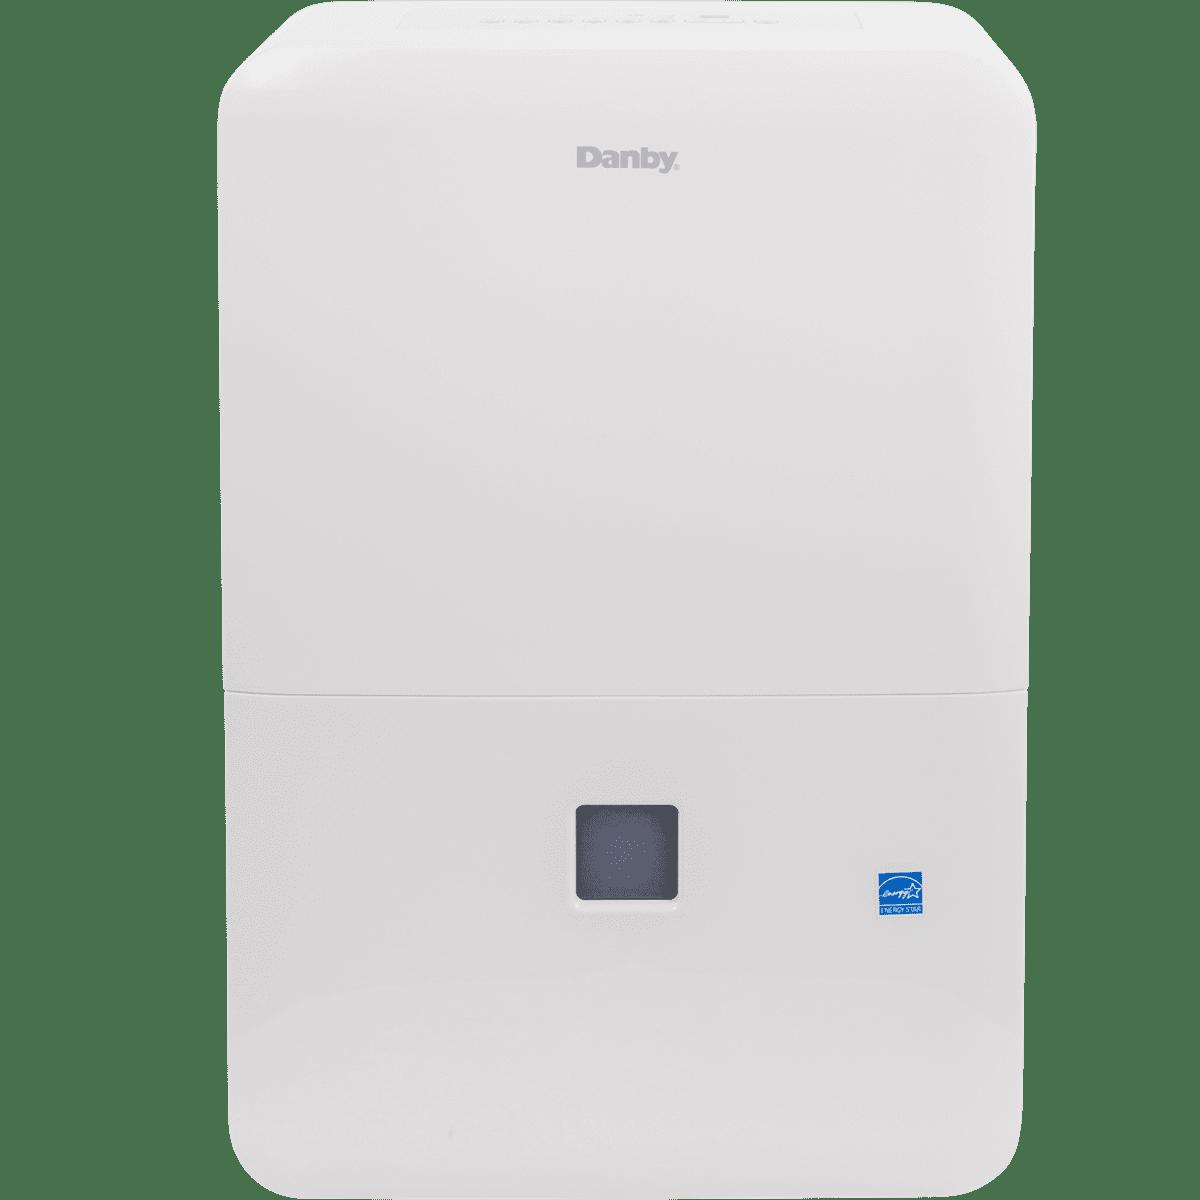 Danby DDR050BDWDB 50-Pint Dehumidifier da4304